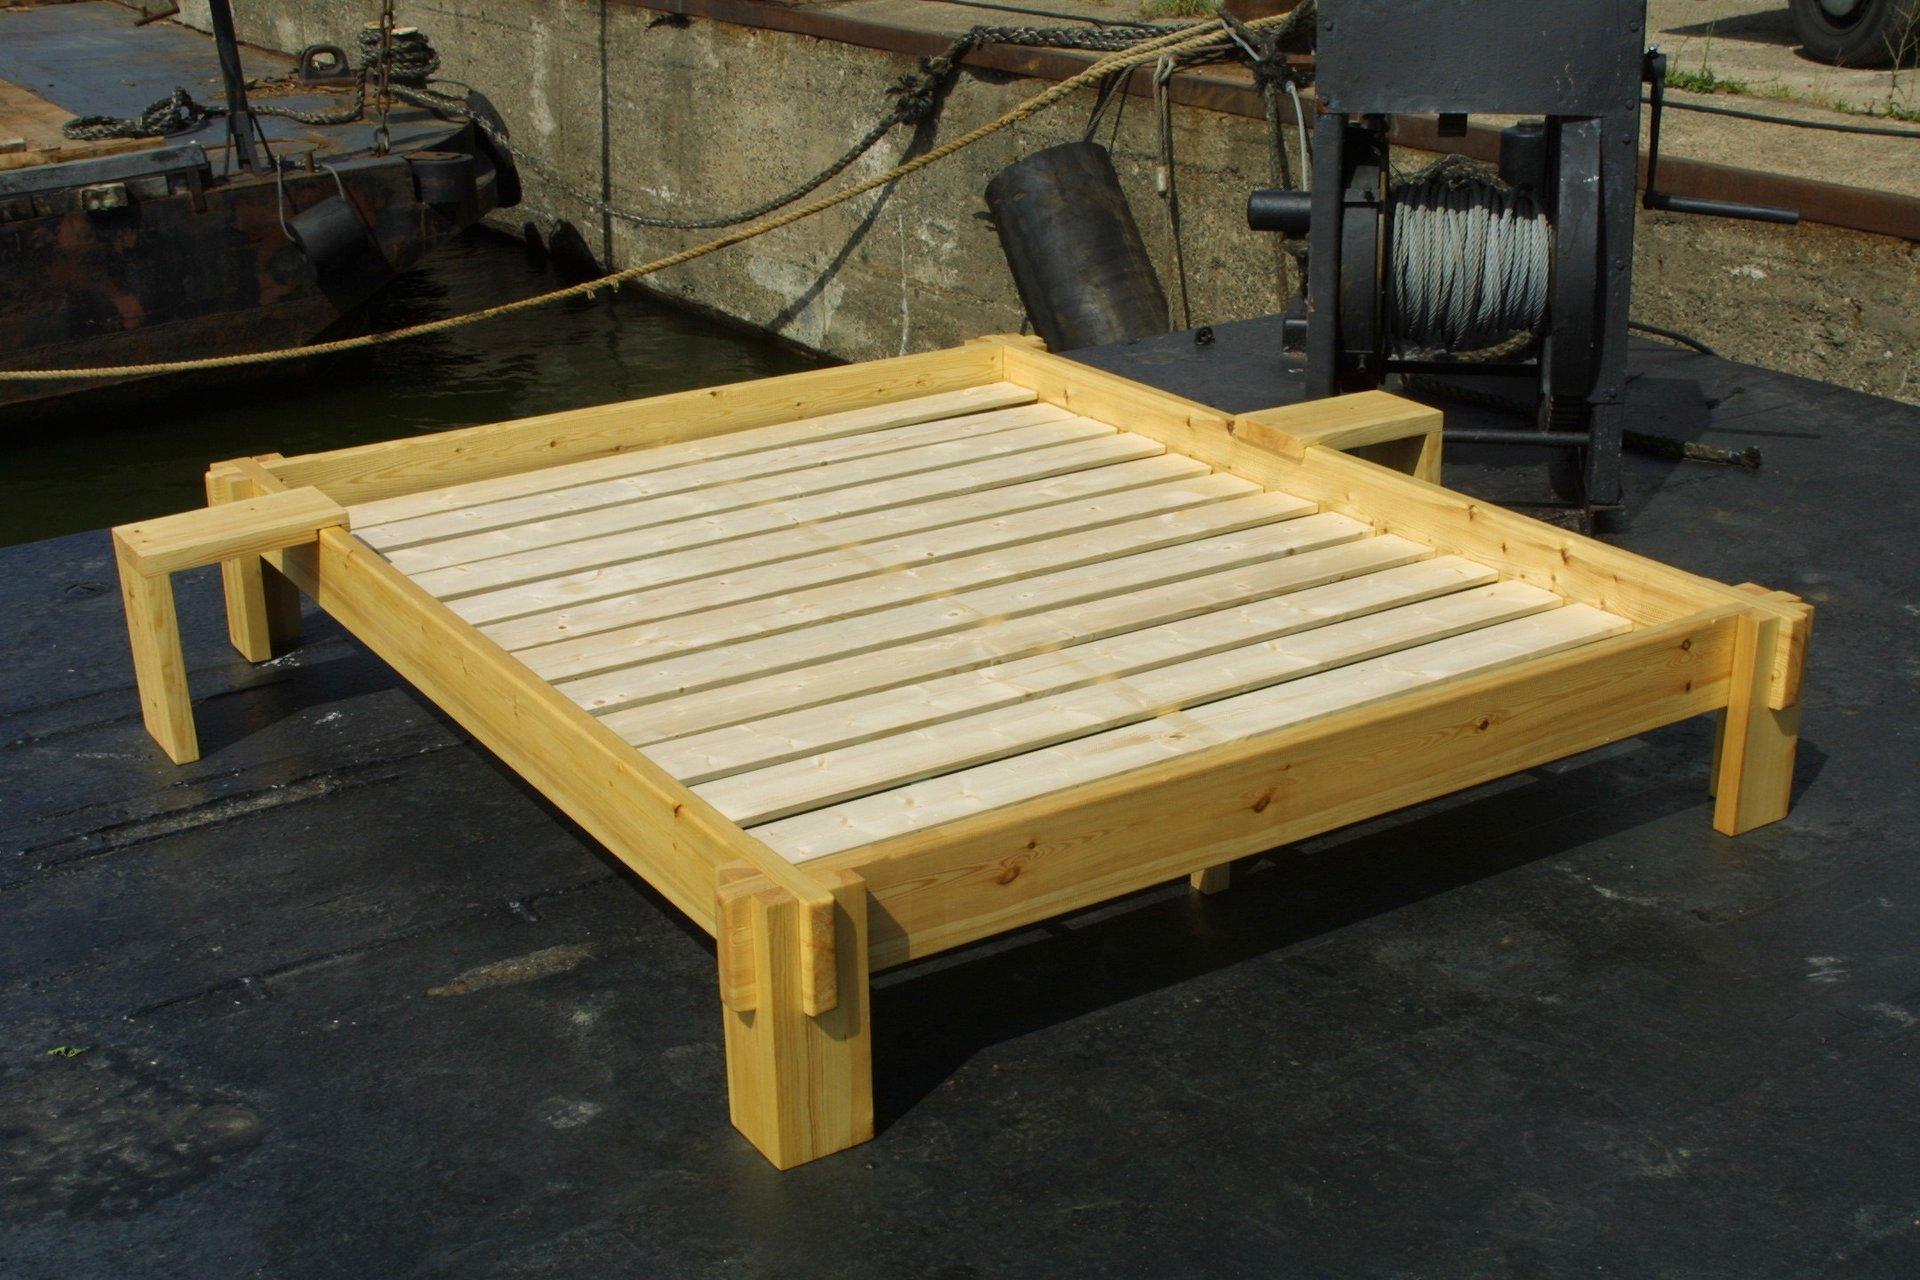 futonbett 120 200 mit lattenrost und matratze bilder das. Black Bedroom Furniture Sets. Home Design Ideas